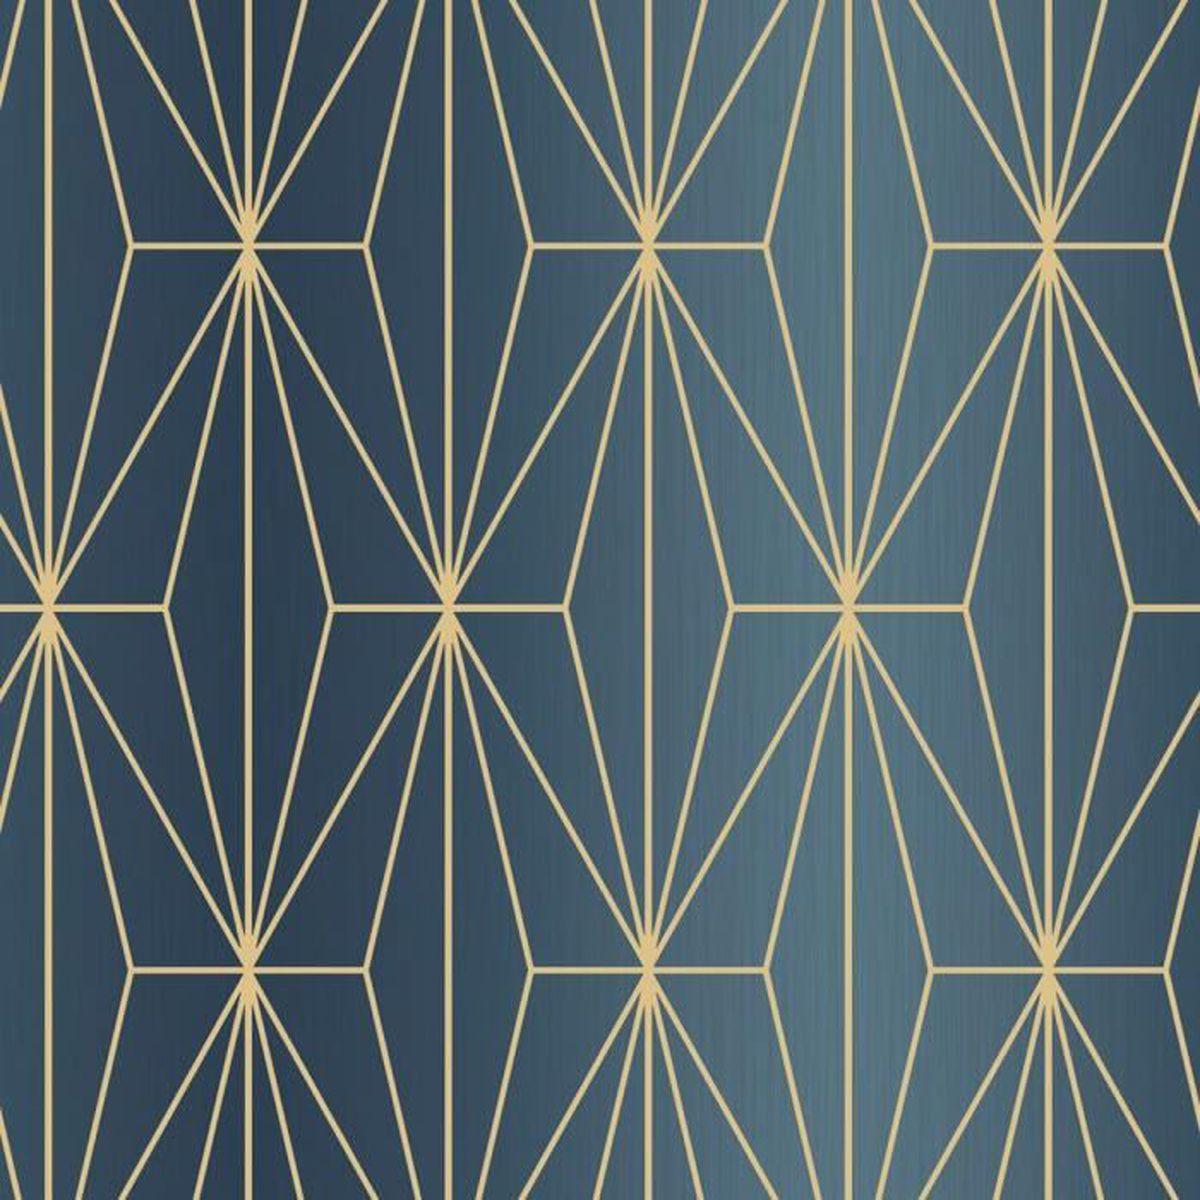 3D Géométrique Papier Peint triangles Diamants Gris Jaune Vinyle Coller mur moderne